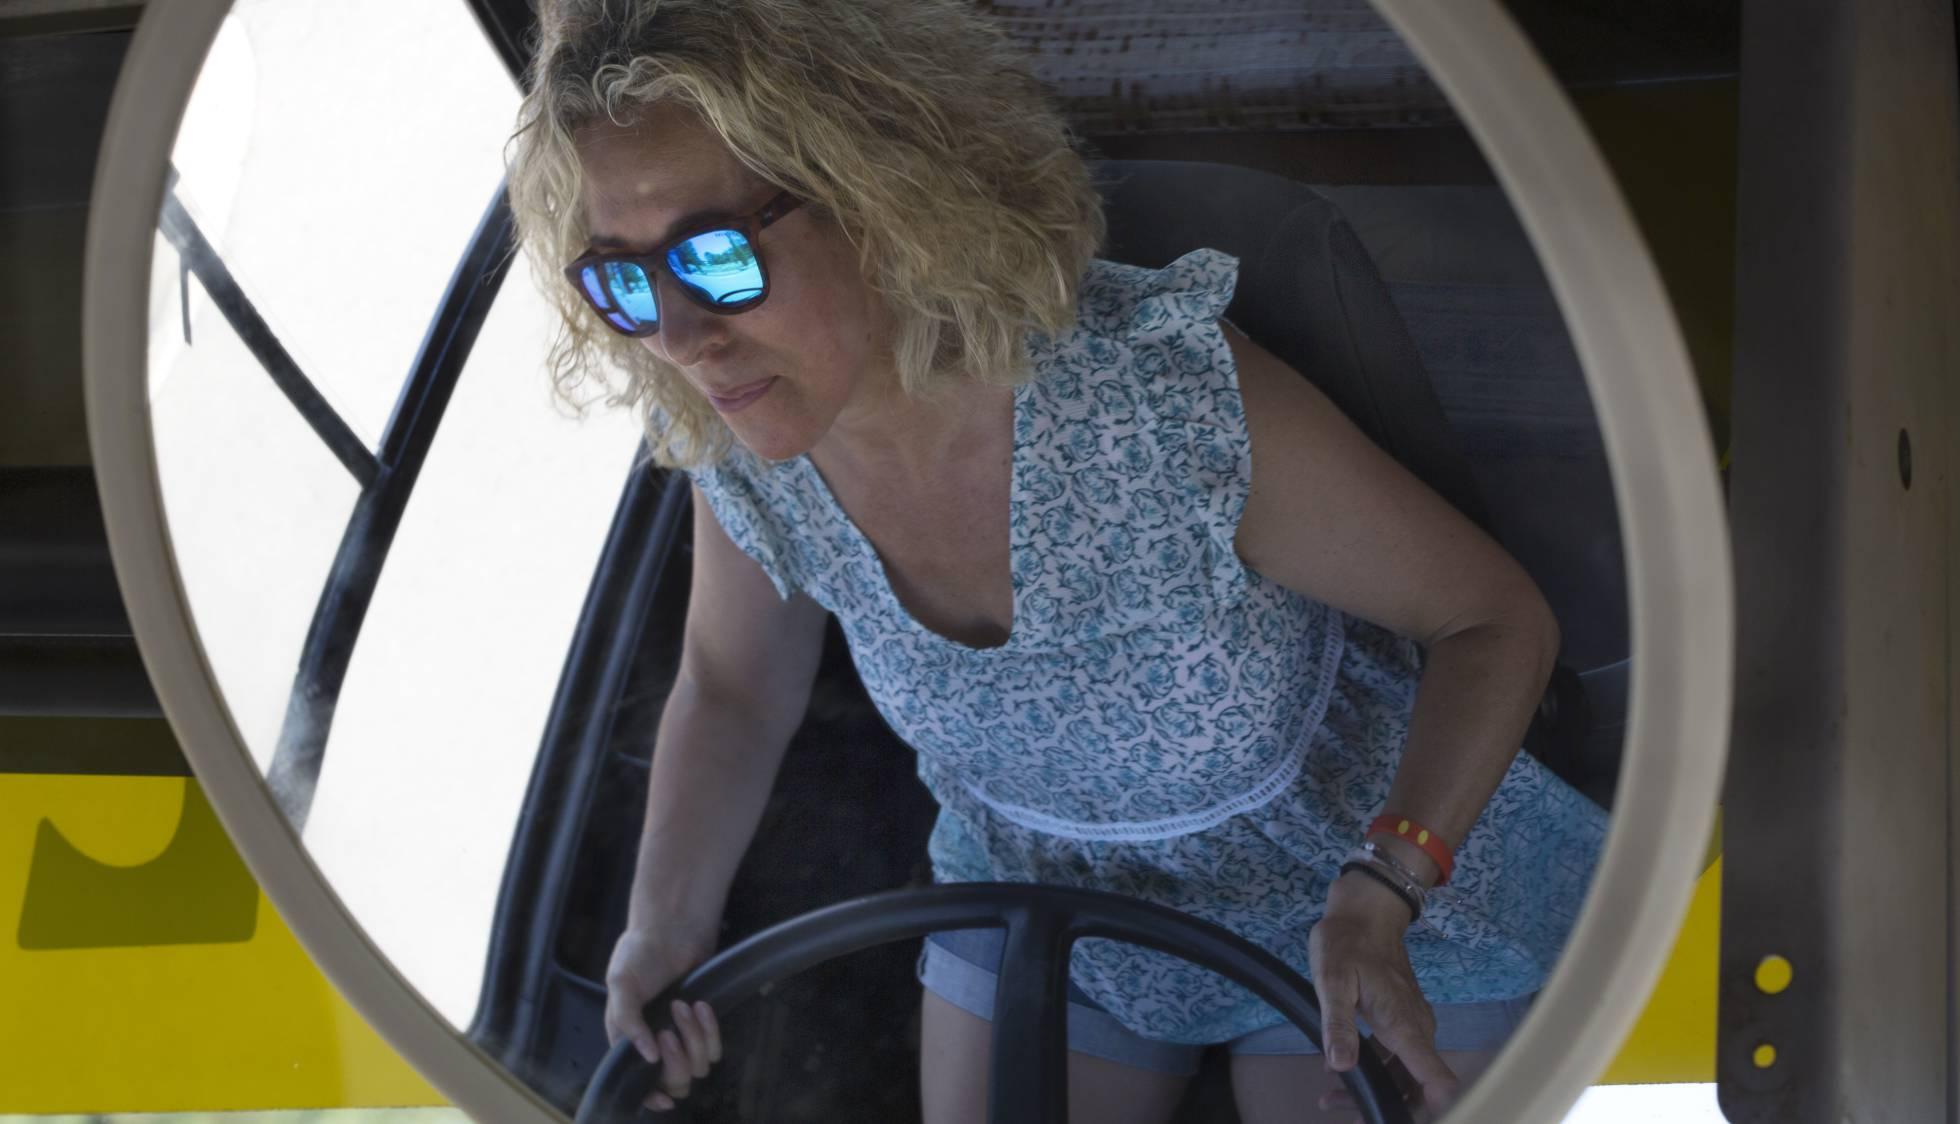 Вакансия водитель автобуса для женщин, находящихся в поисках работы в небольшом городе Каталонии